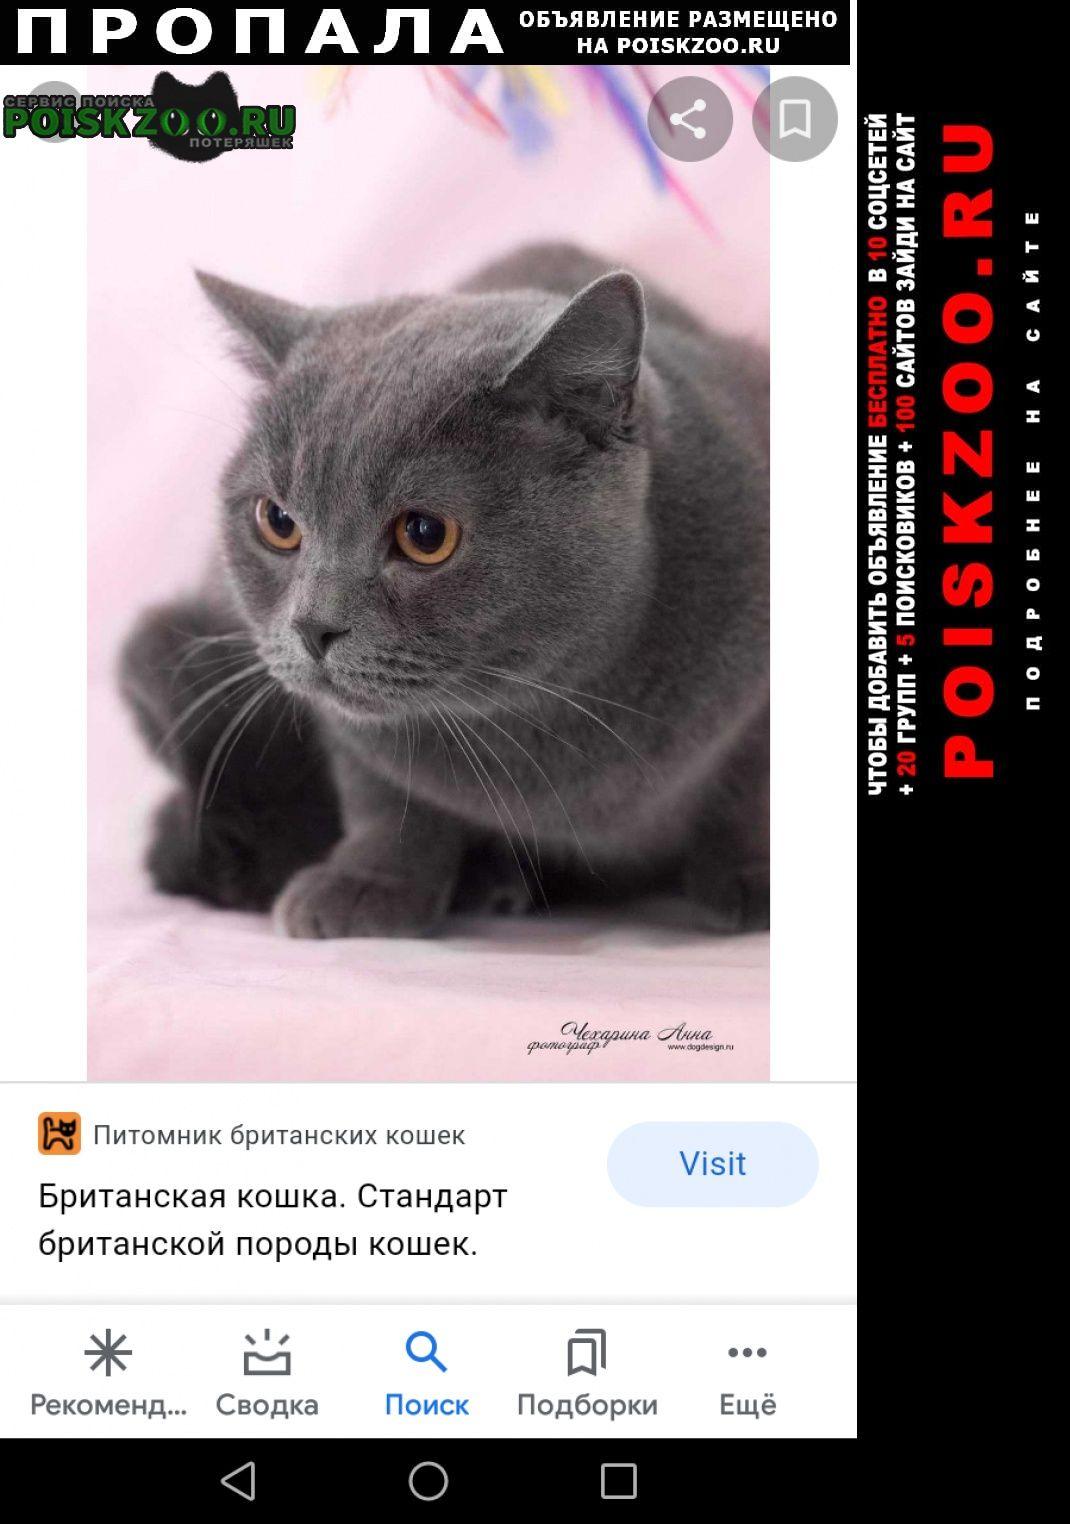 Пропала кошка британской породы Екатеринбург